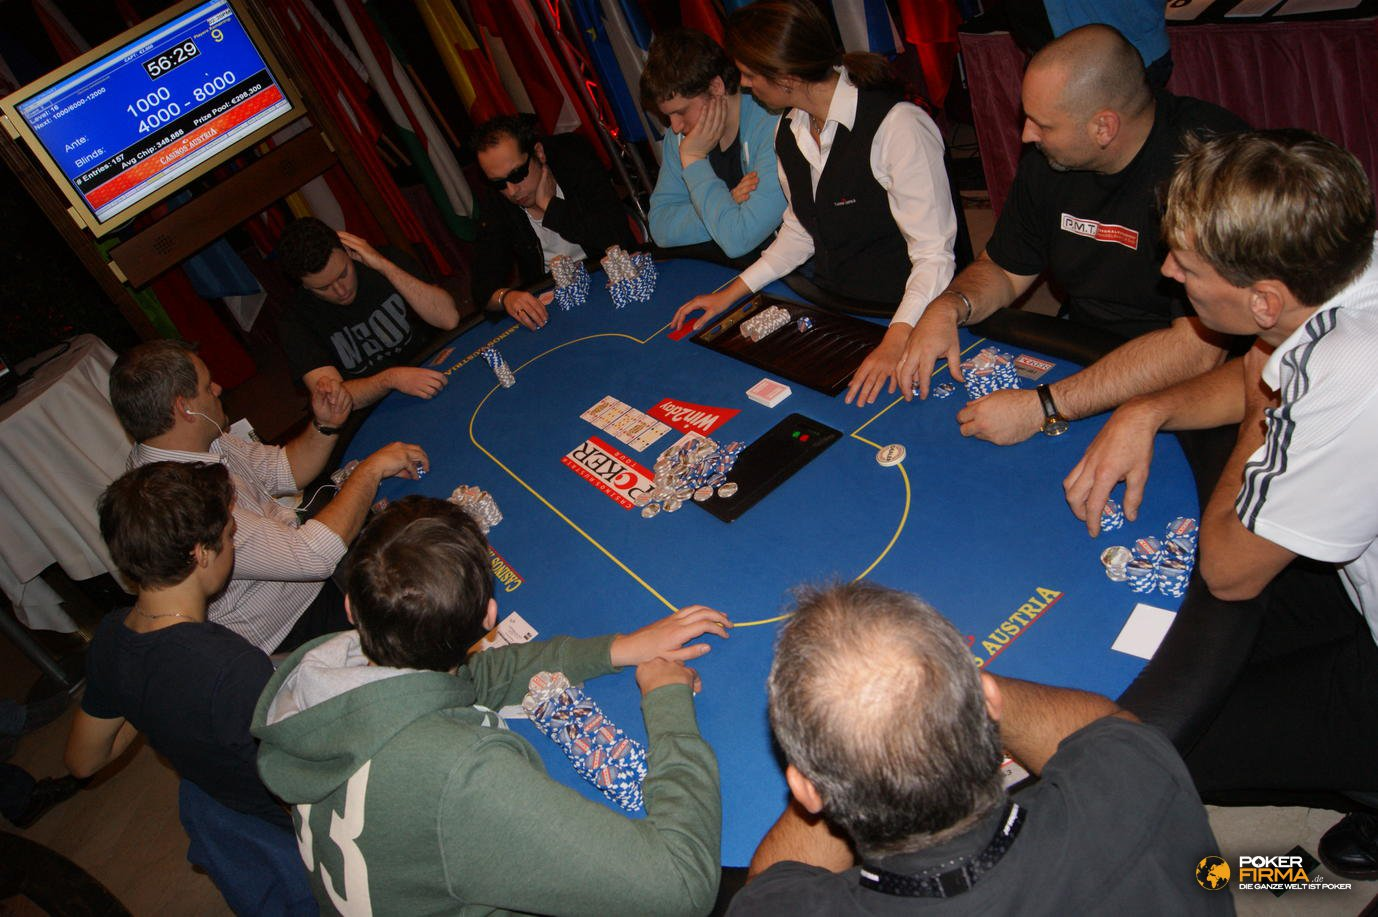 Poker_EM_2000_NLH_FT_271011_DSC03282